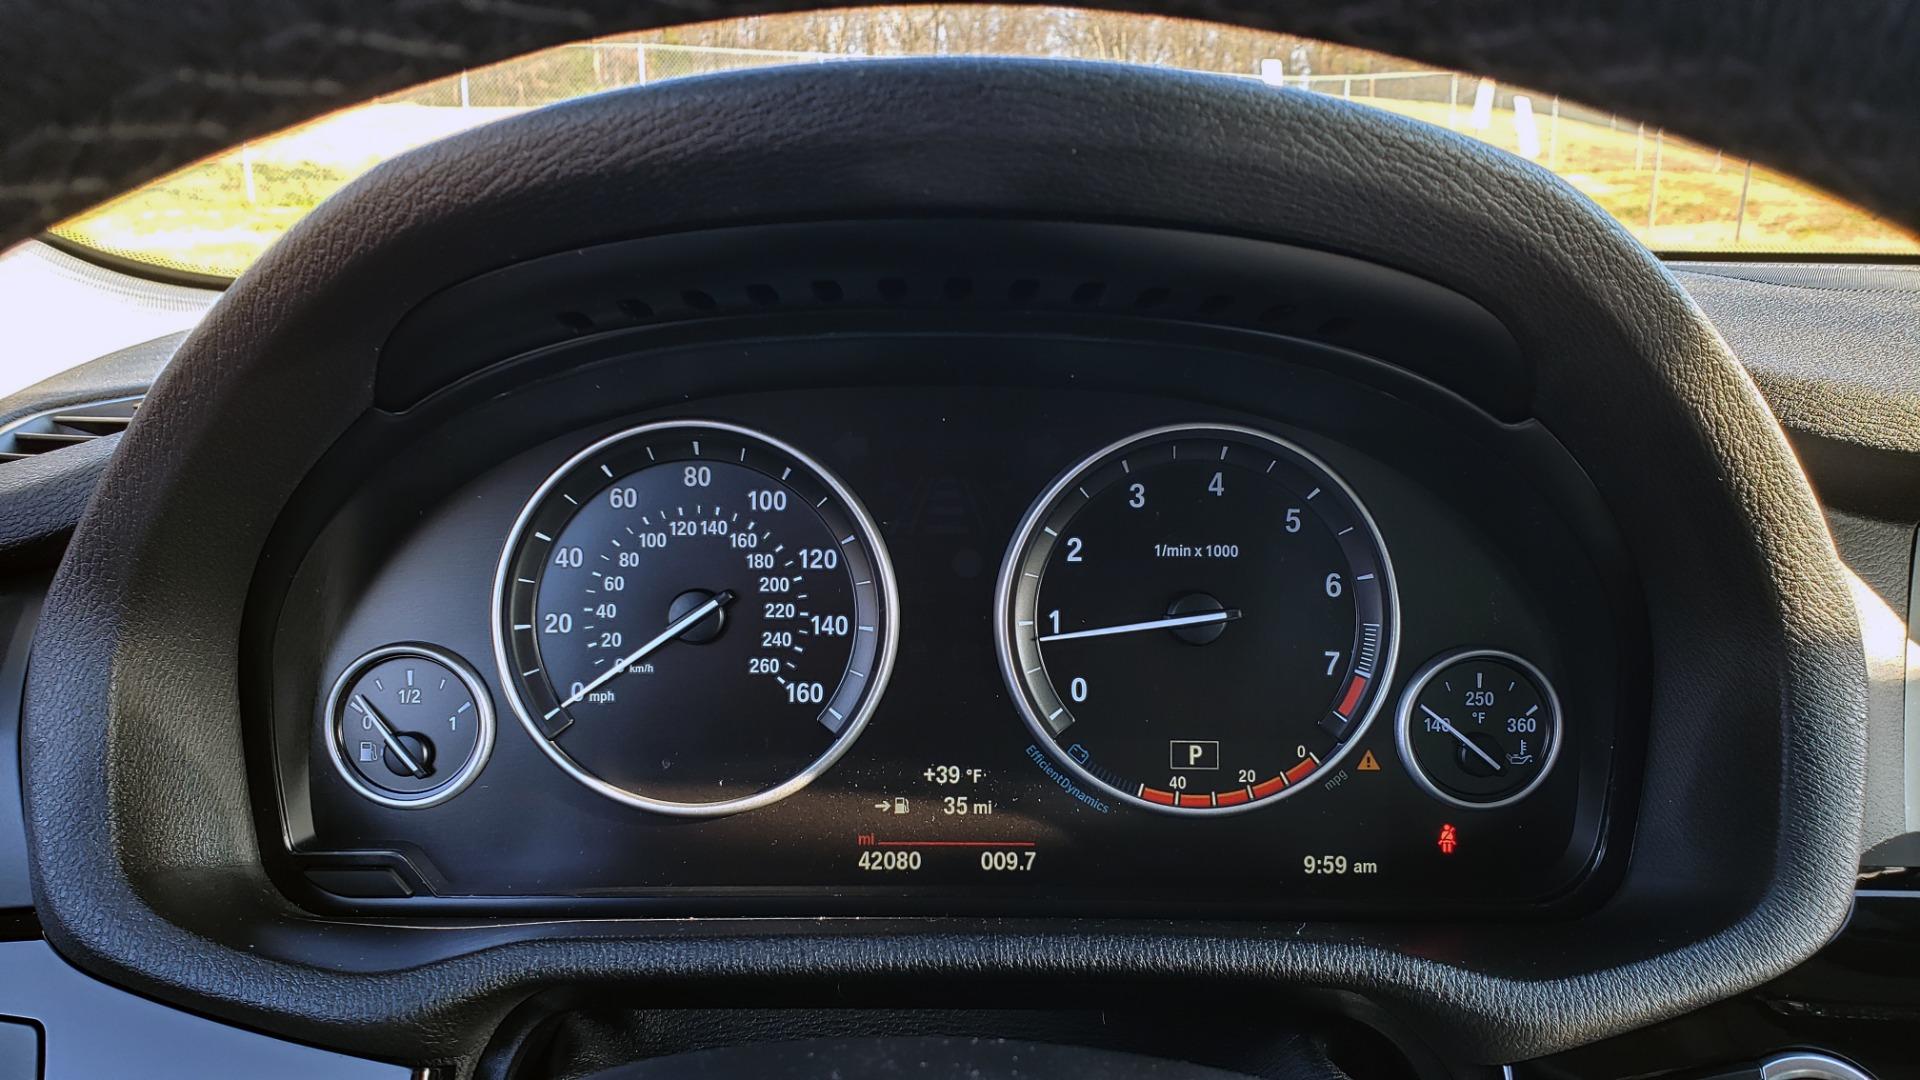 Used 2017 BMW X3 XDRIVE28I / PREM PKG / NAV / DRVR ASST / HTD STS / CAMERAS for sale Sold at Formula Imports in Charlotte NC 28227 47